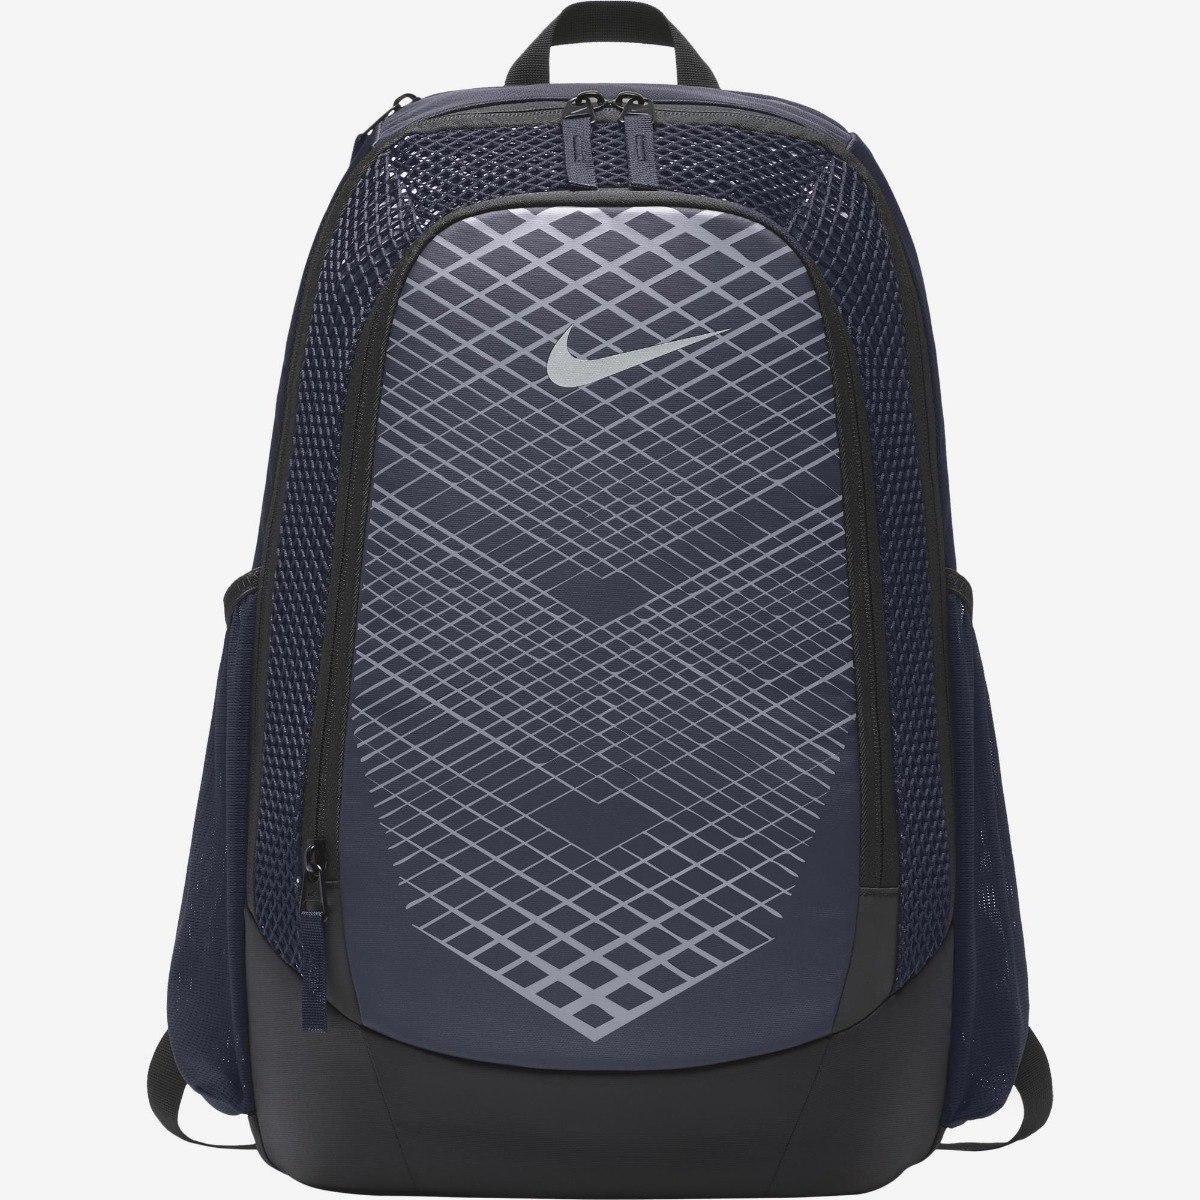 3f5d9645da Mochila Nike Vapor Speed - R$ 249,90 em Mercado Livre